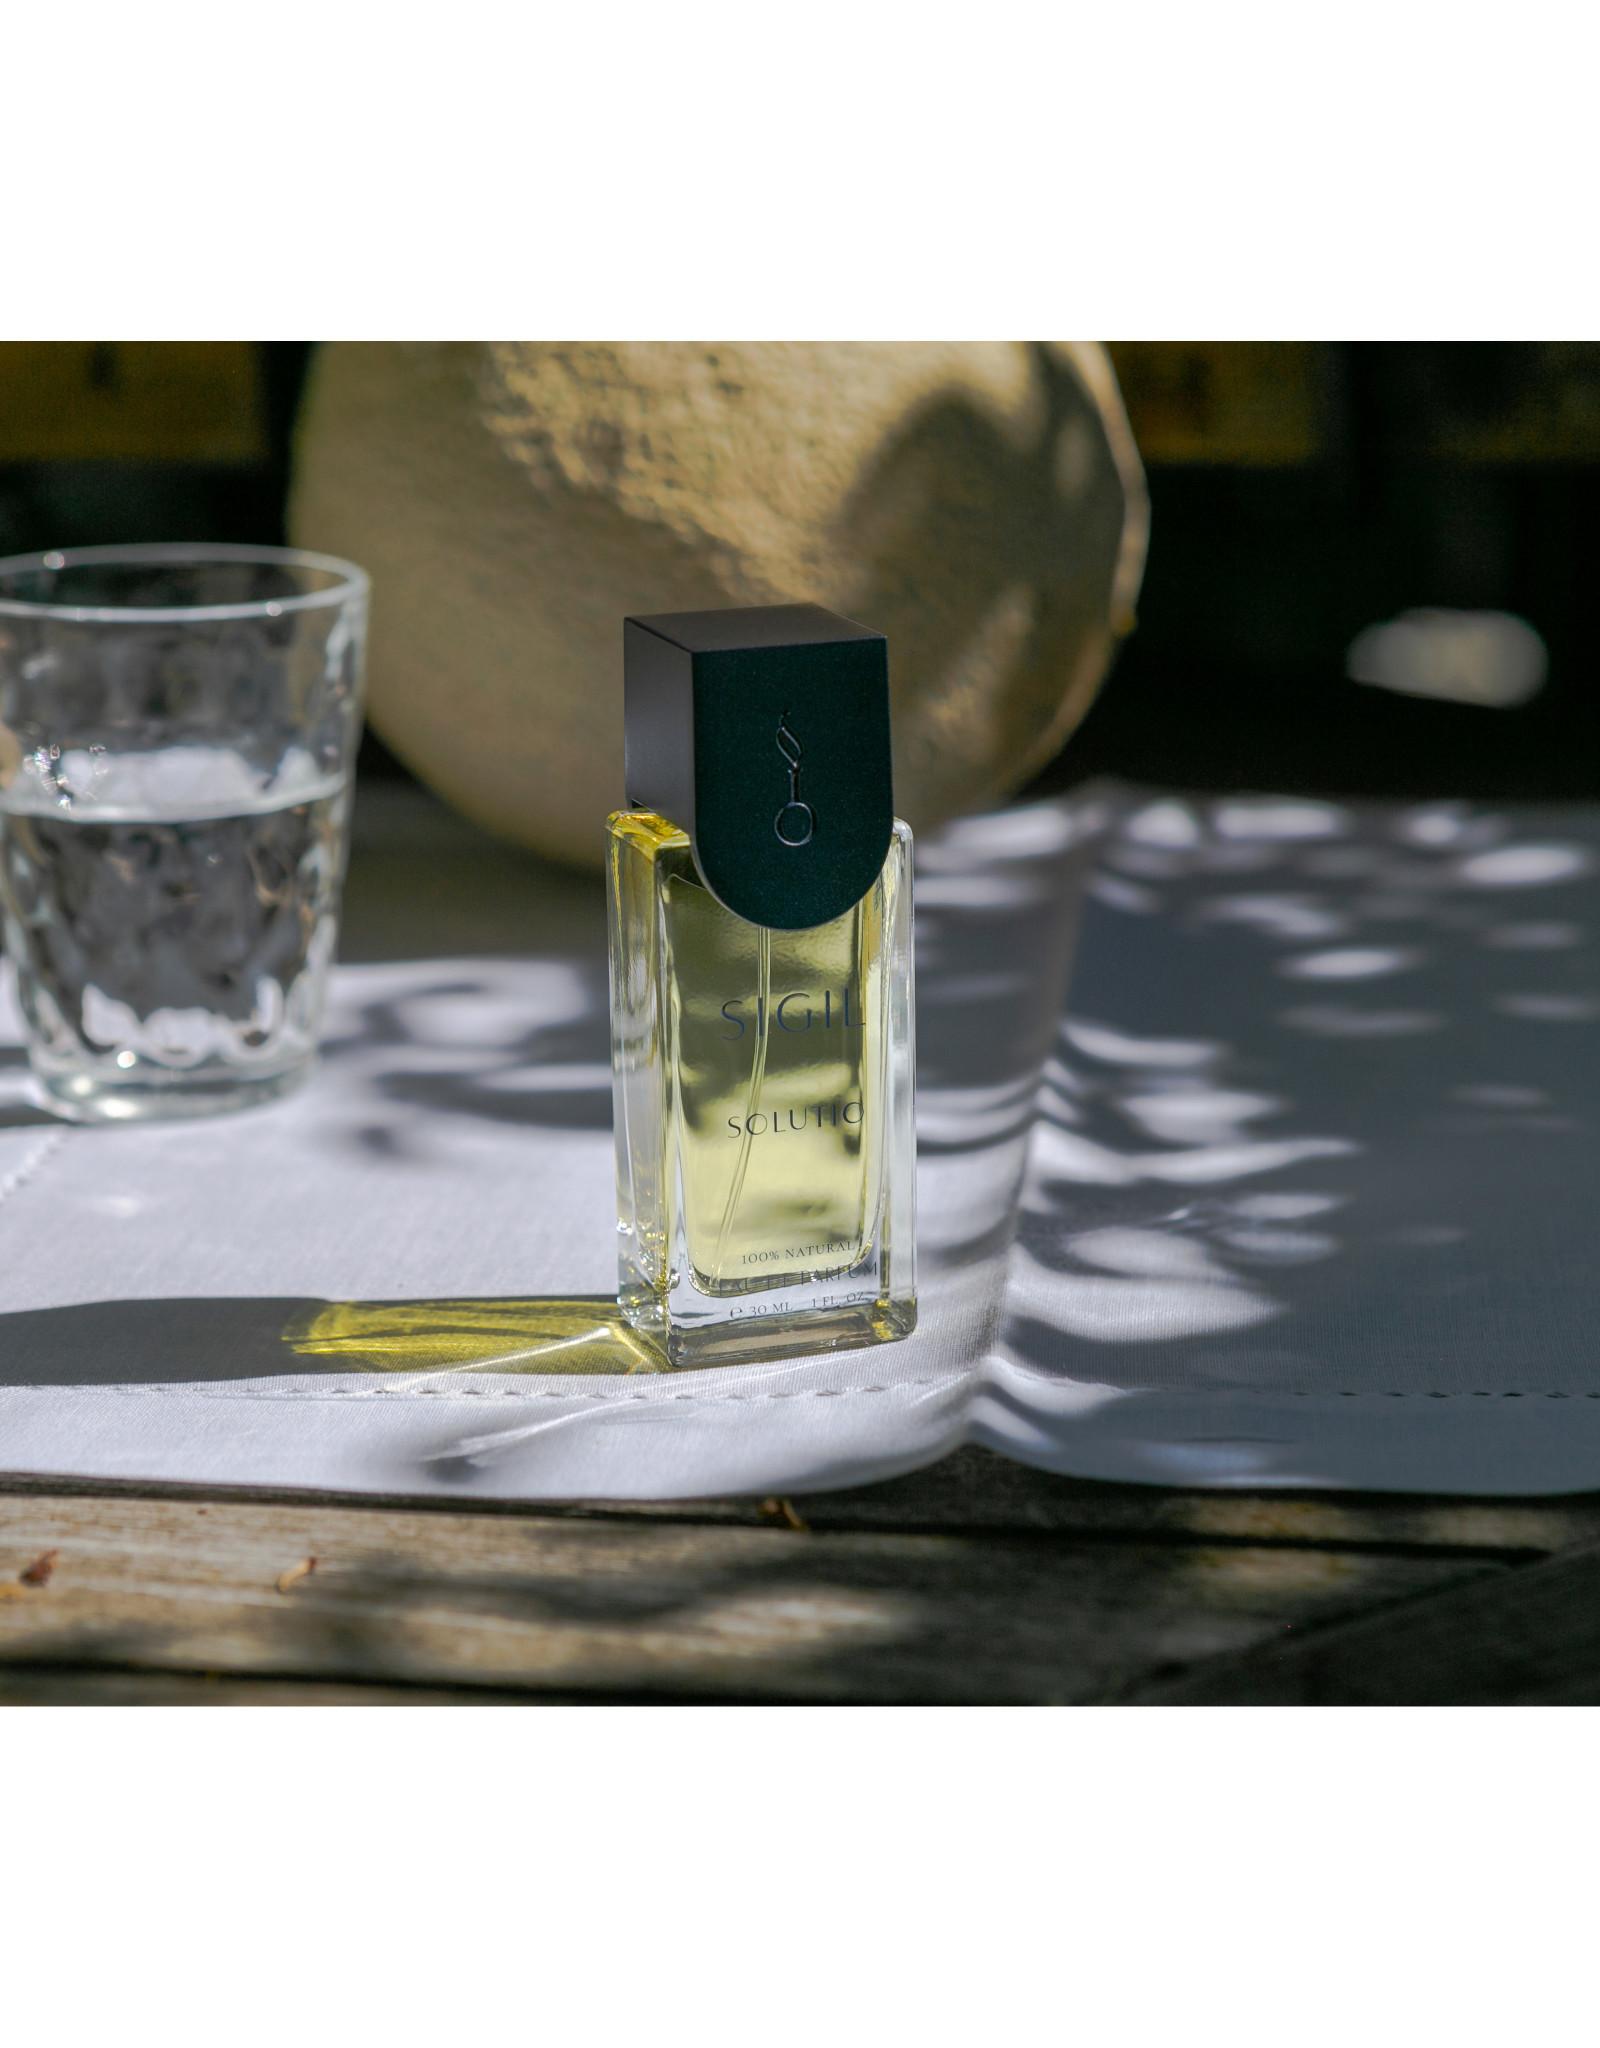 Sigil Scent Solutio Eau De Parfum